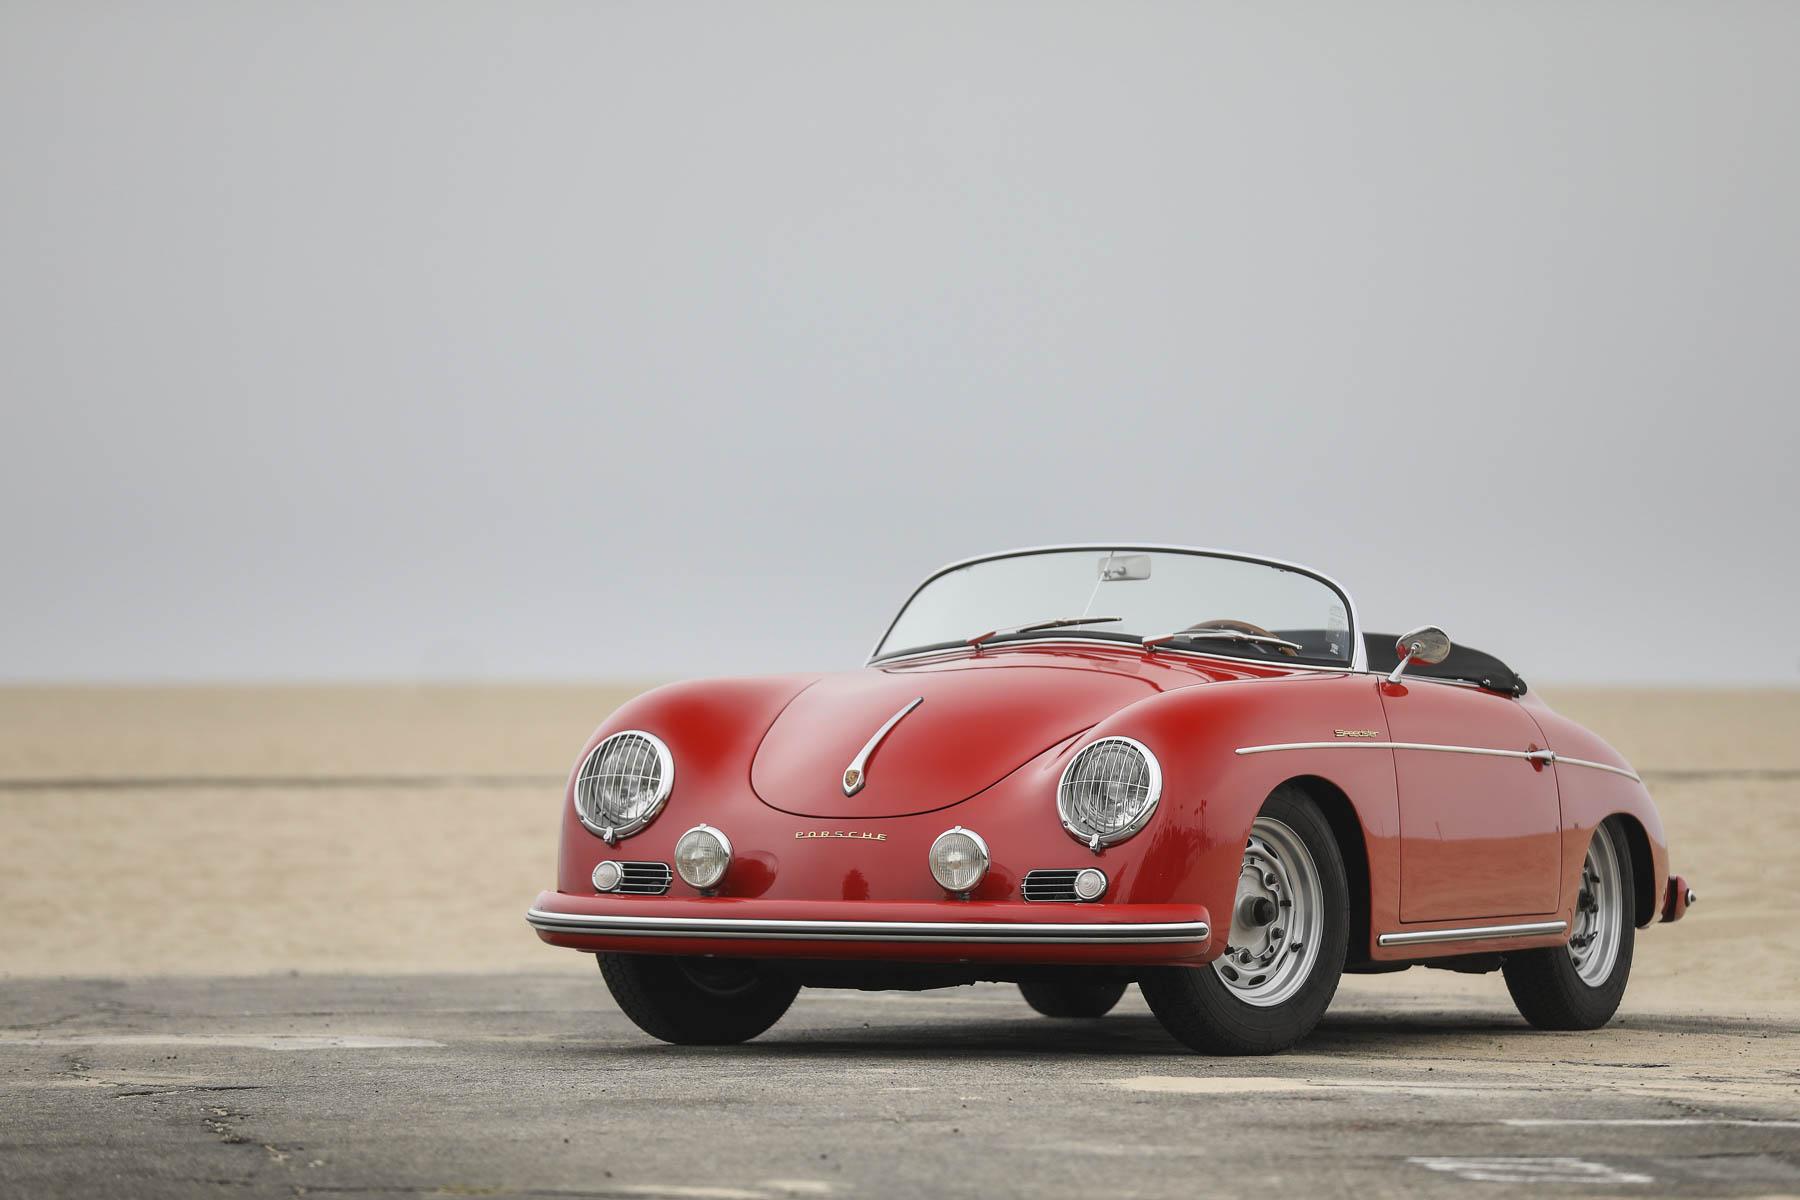 1957 Porsche 356 A Speedster at the beach